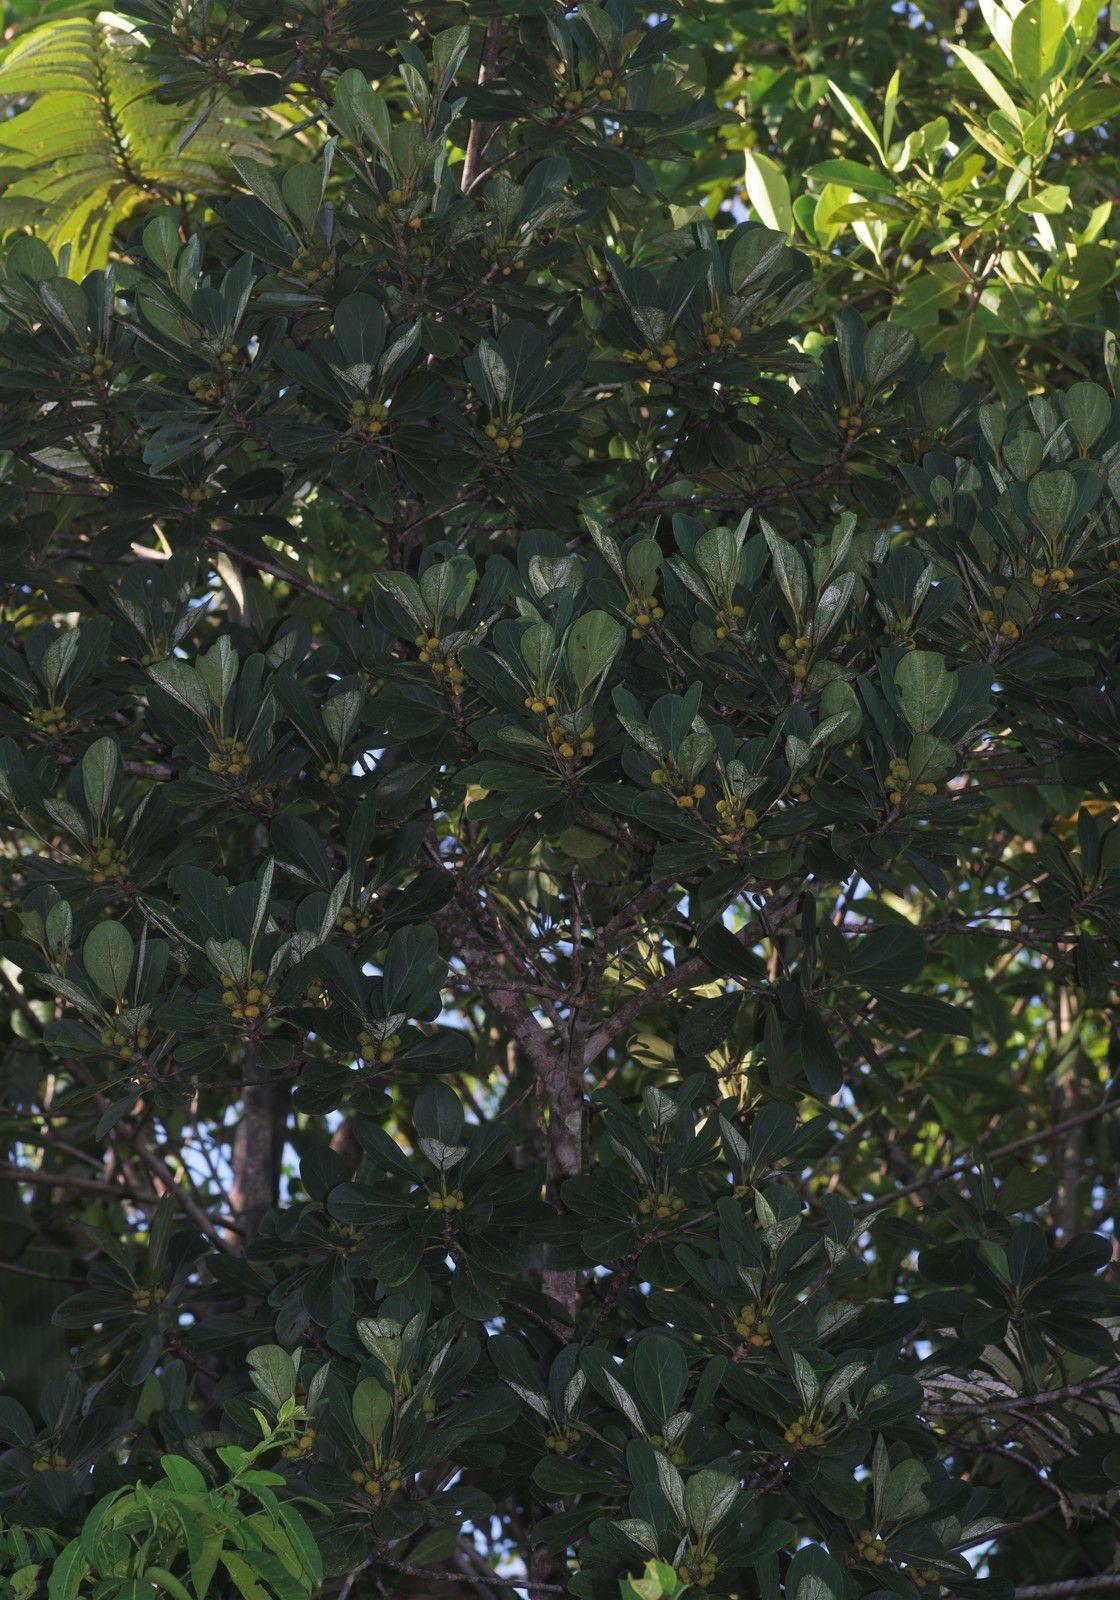 Coussapoa angustifolia